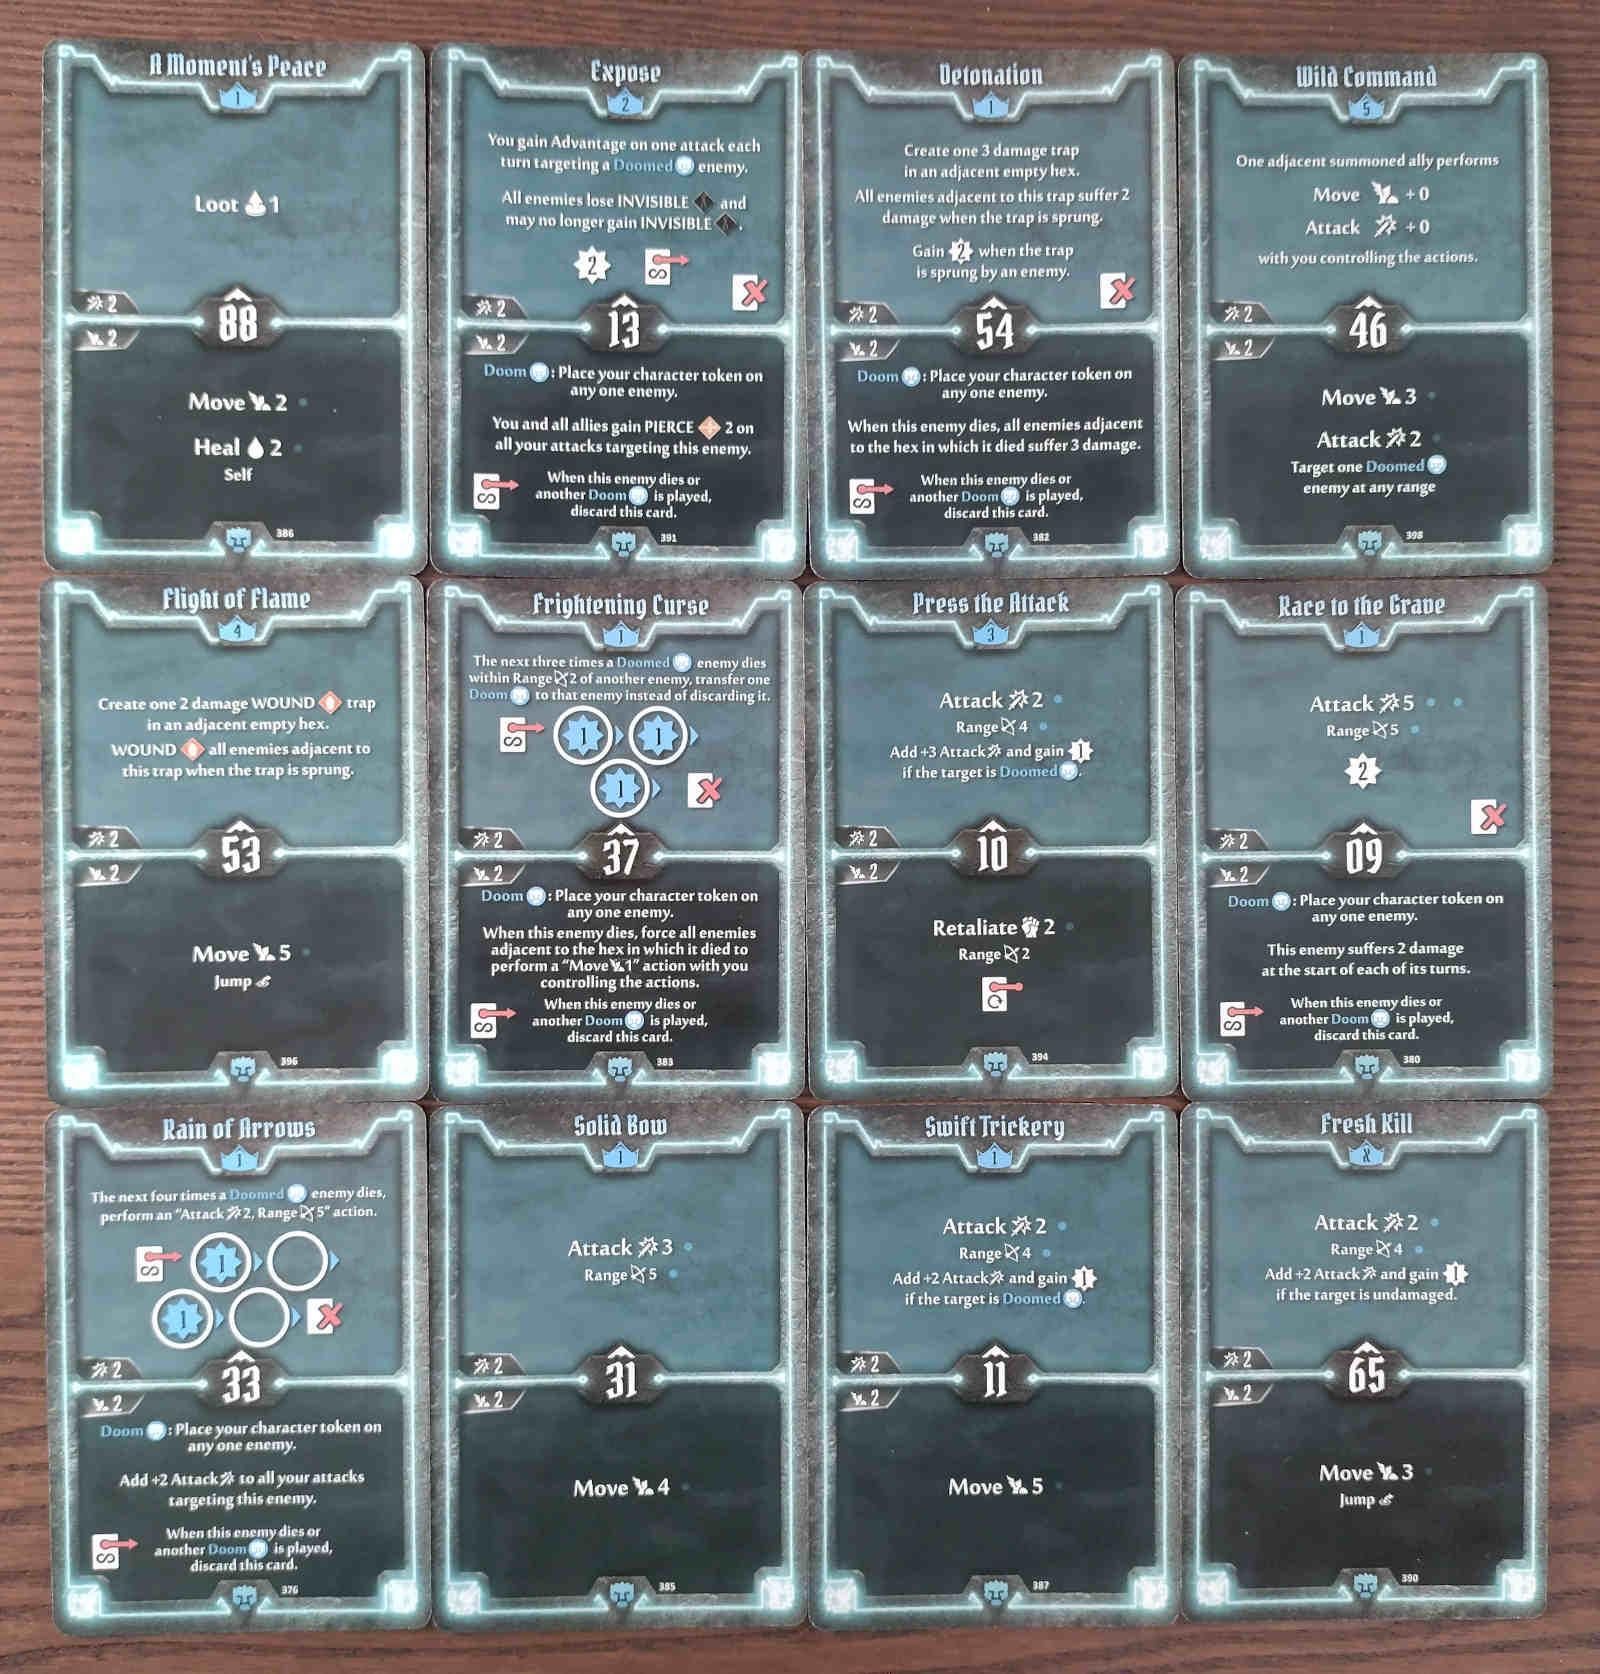 Doomstalker Expose Build level 5 deck cards